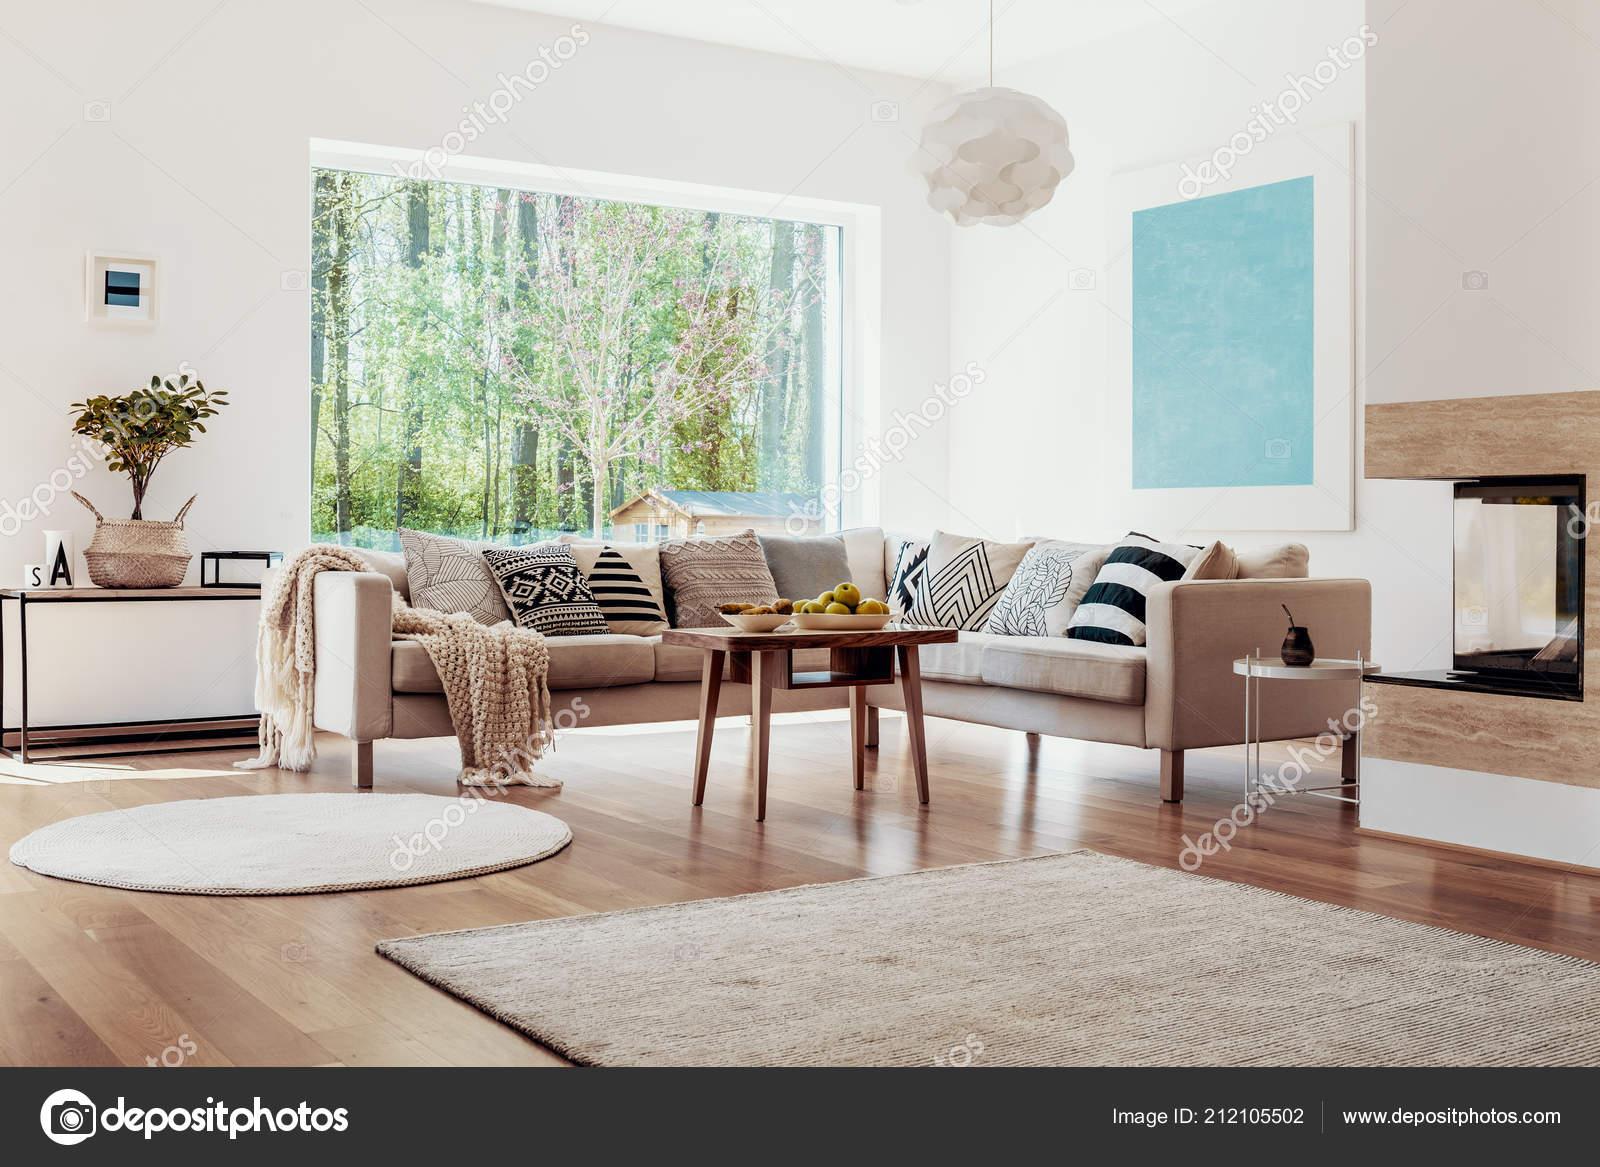 Beige Teppiche Auf Dem Boden Eine Weiße Geräumige Wohnzimmer